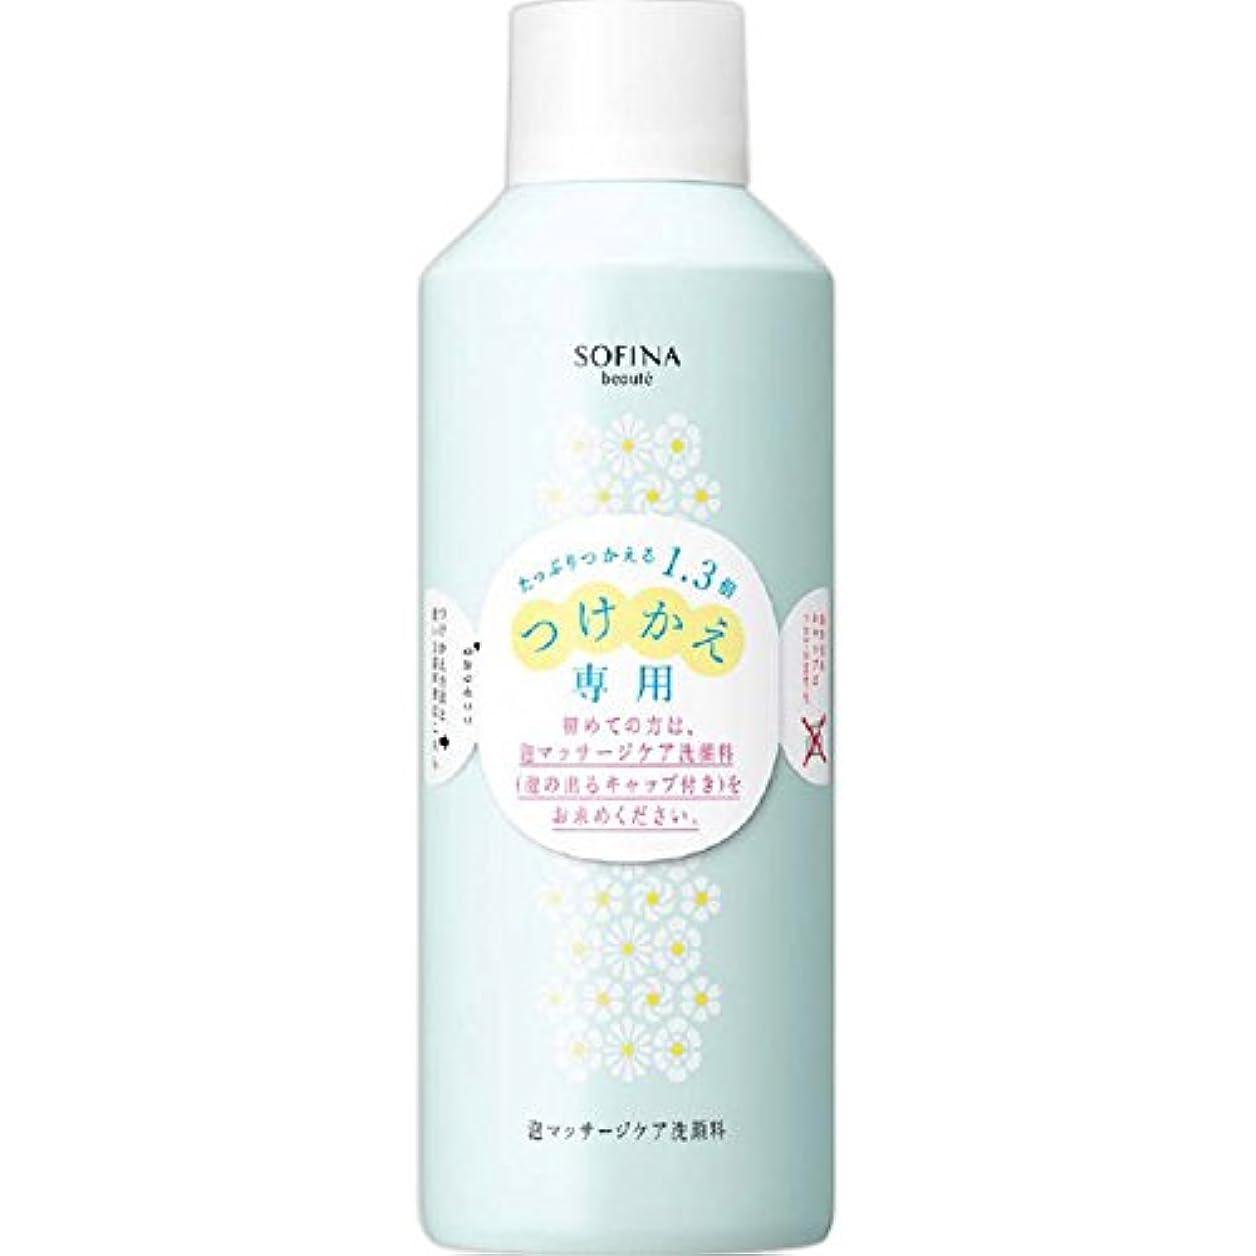 薬用不条理敬な花王ソフィーナ ボーテ 泡マッサージケア洗顔料 つけかえ専用230g